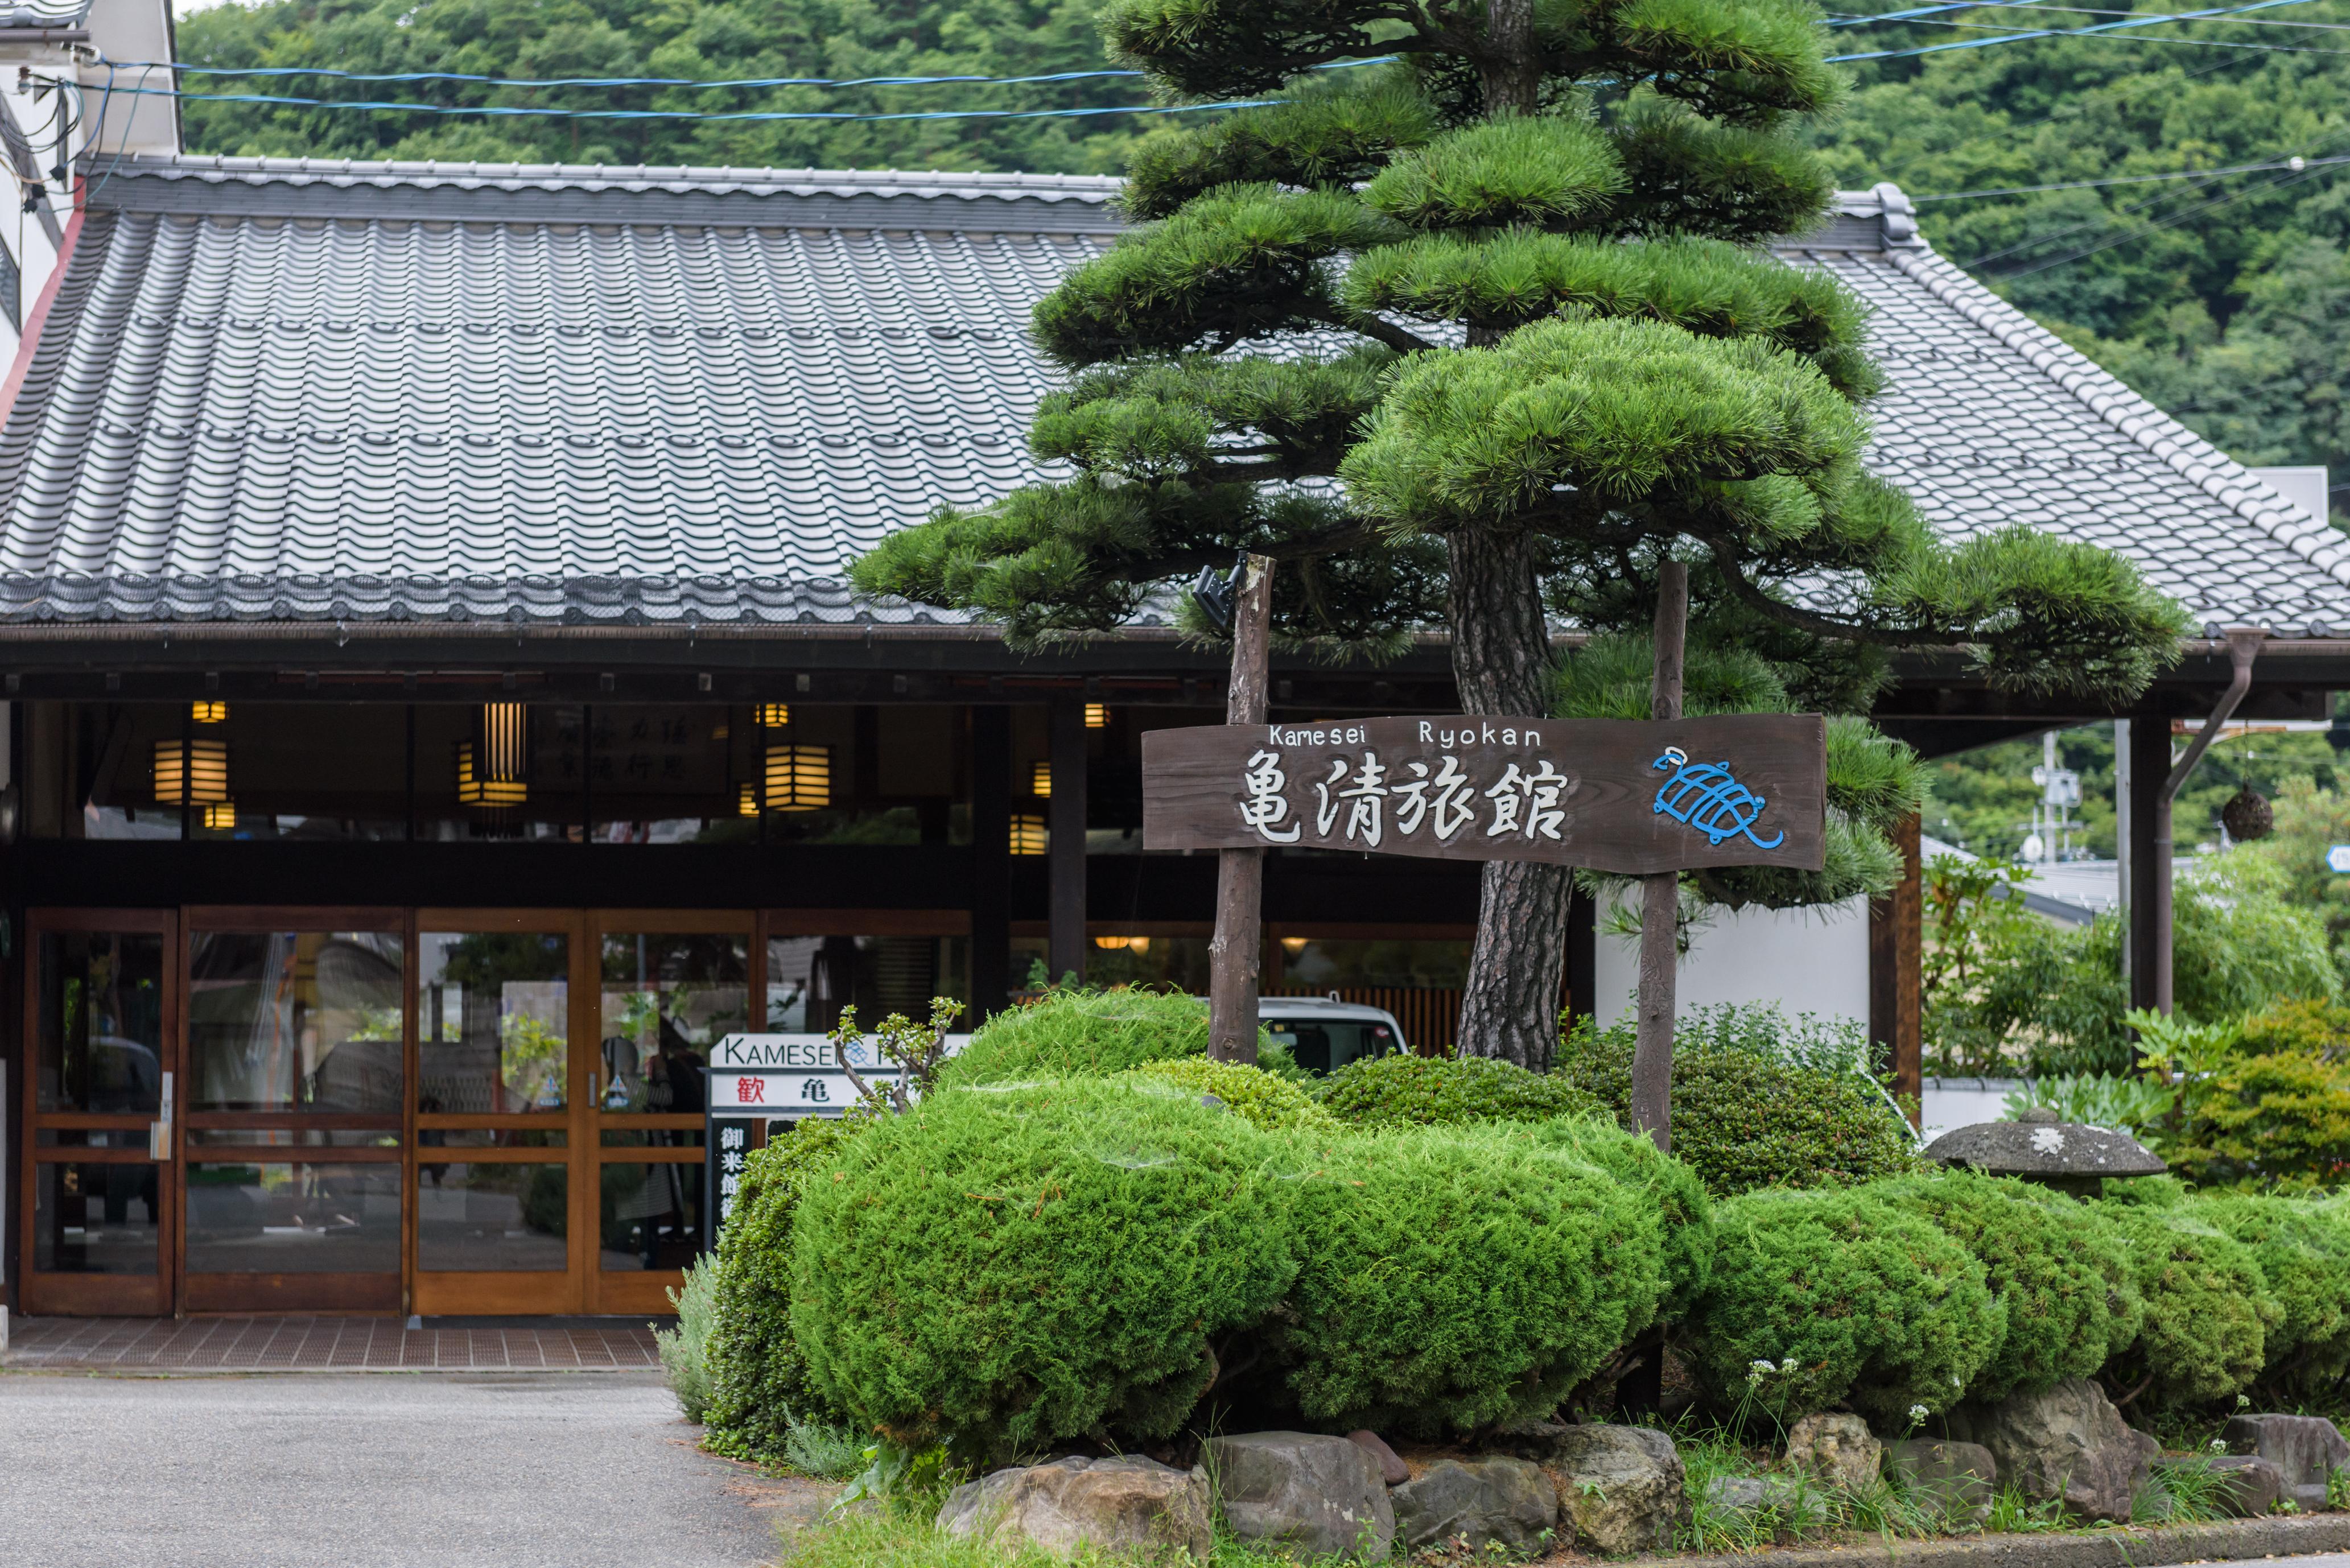 |旅館 亀清(かめせい)|<br>NAGANO WINEのBYOができる<br>碧眼の若旦那が切り盛りする老舗旅館